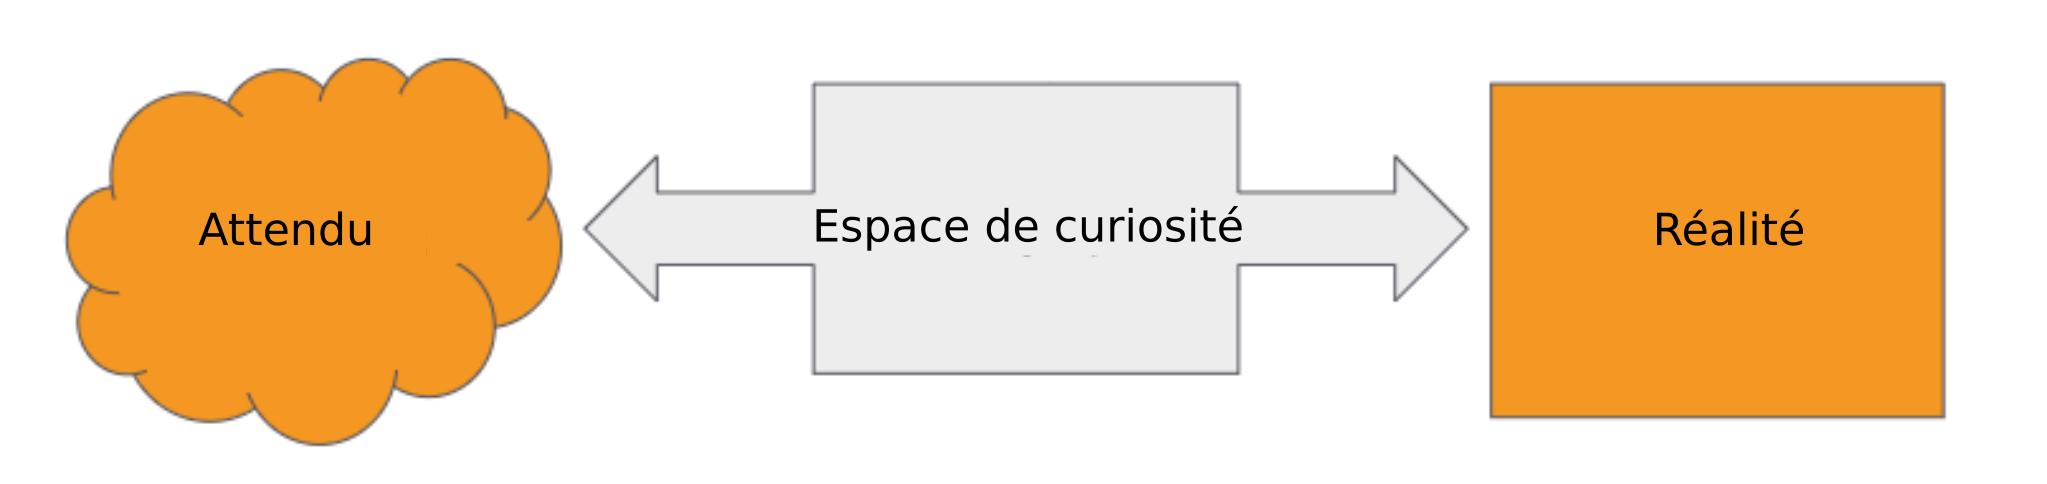 espace de curiosité